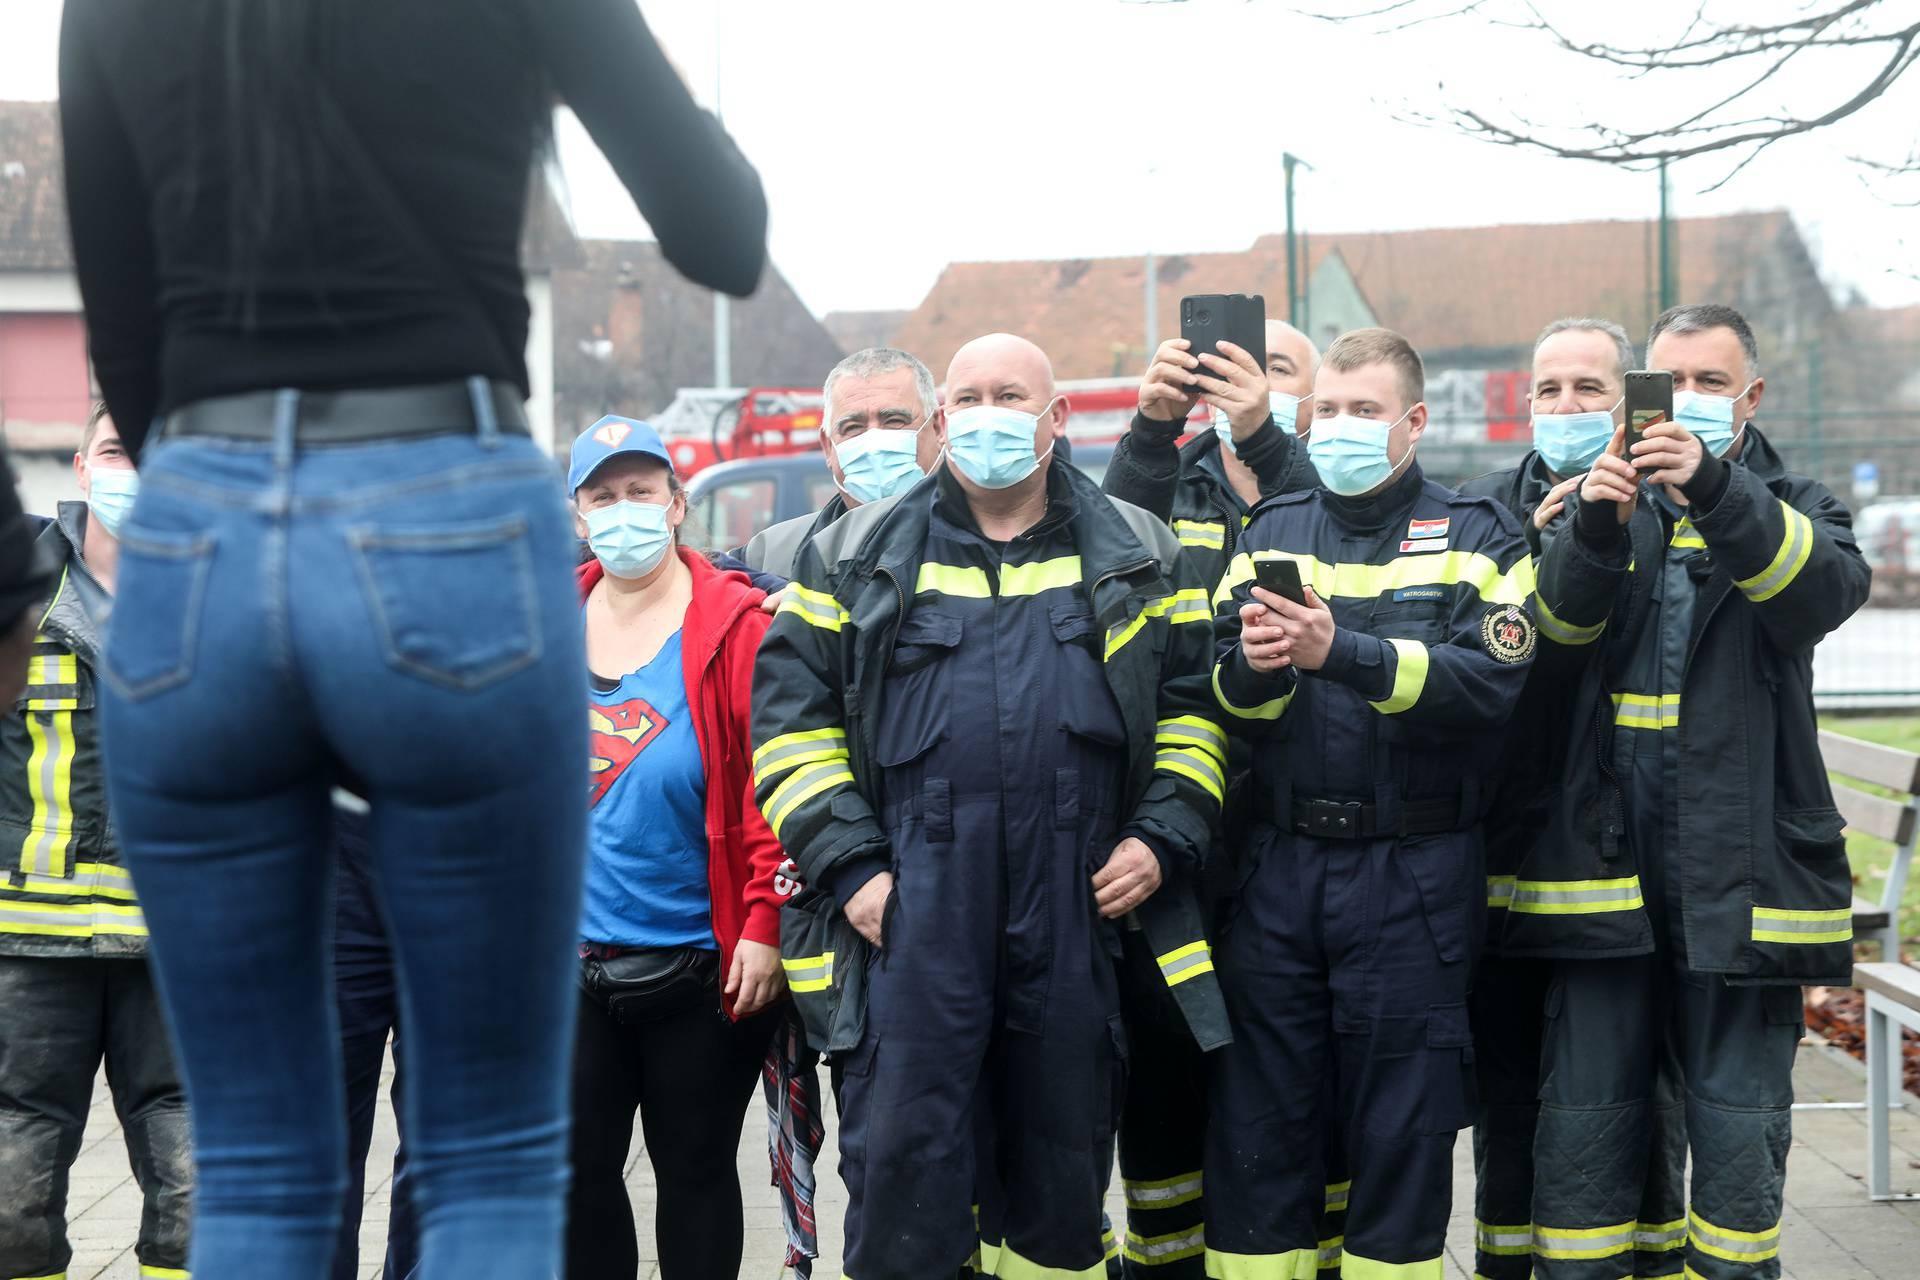 Glina: Čekajuči red za šišanje, vatrogasci se zabavljali u društvu zgodne frizerke